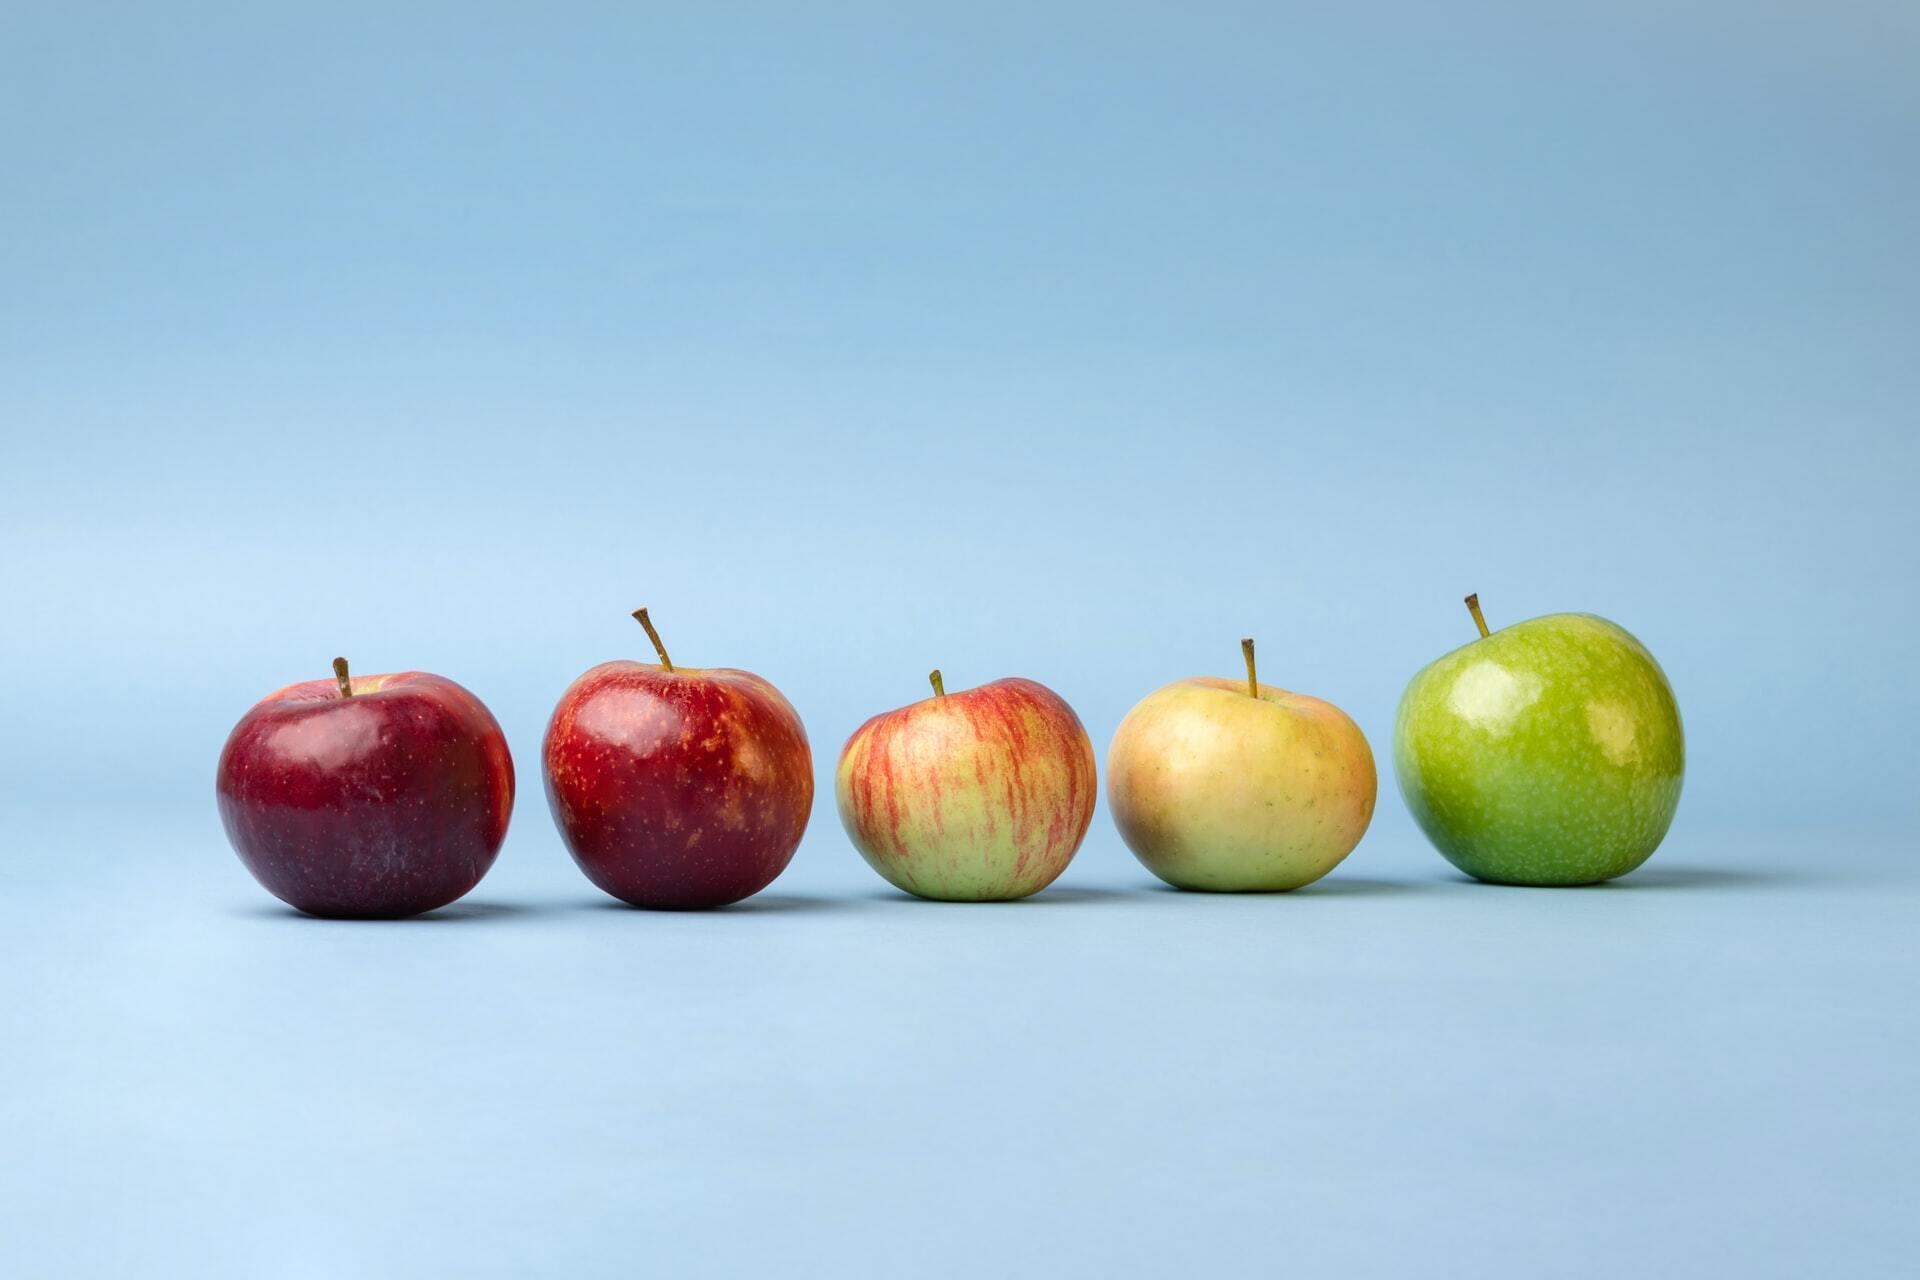 Потребление яблок помогает контролировать вес